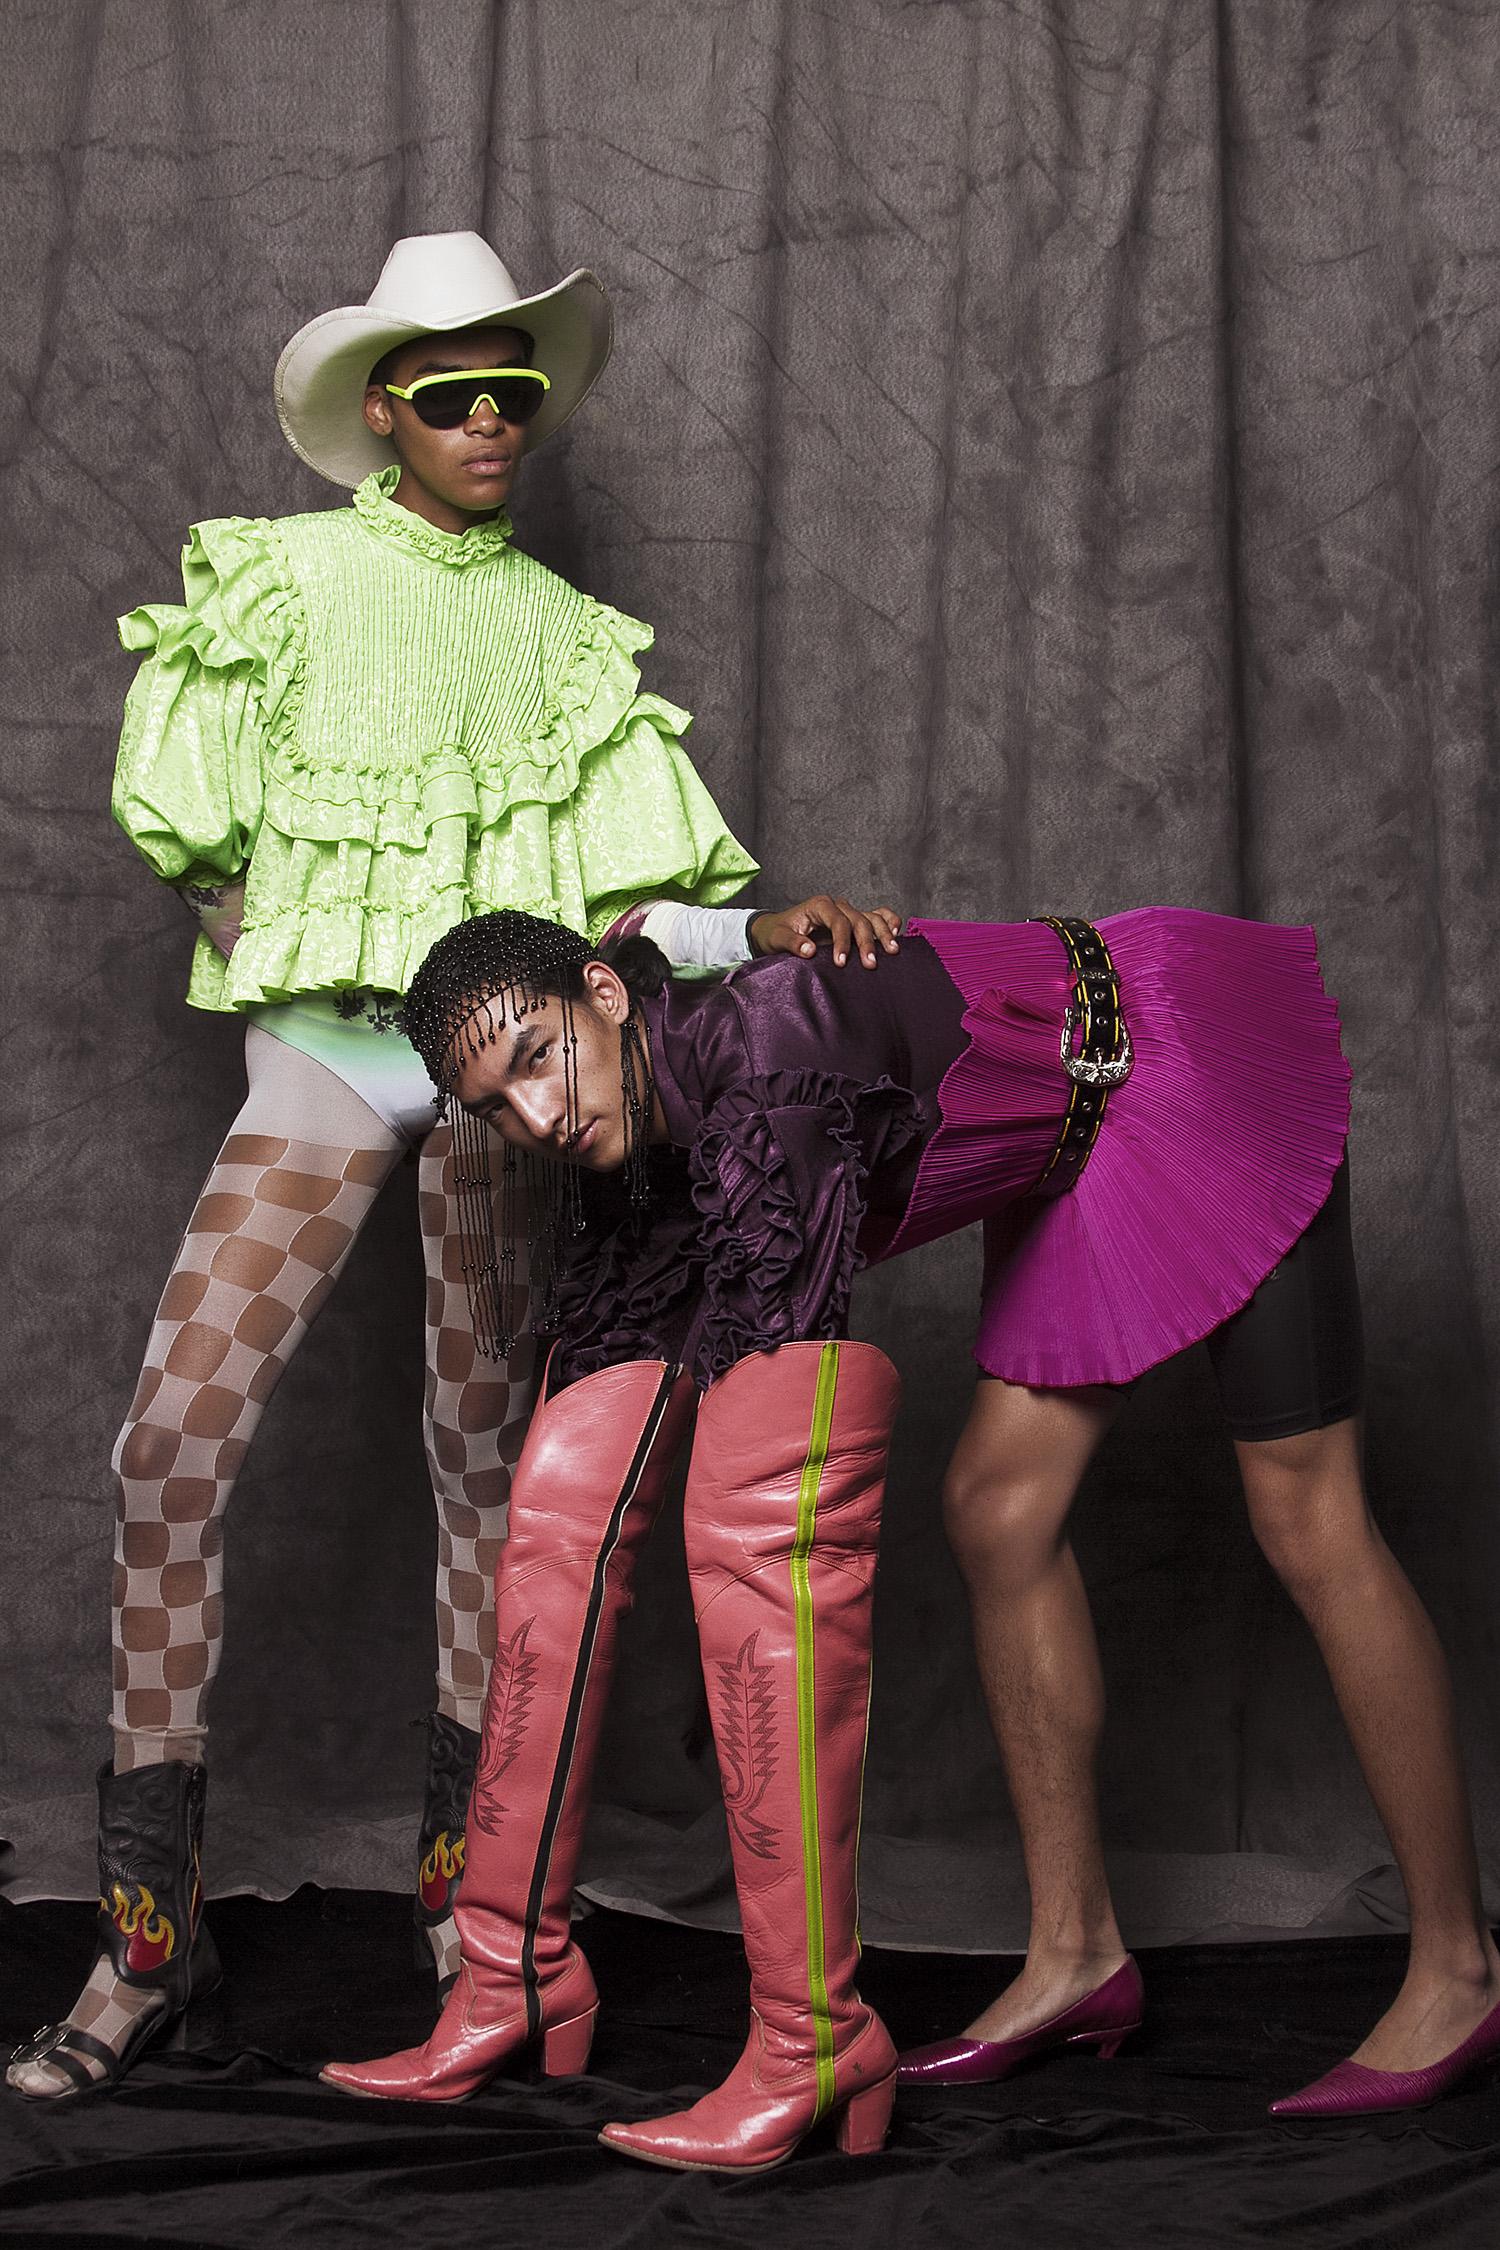 Camisa  Punto , stiletto de la estilista, botas  Antbrand,  cinturón:  N.D.A.   Headpiece de la estilista. Botas  Sánchez Kane x blacornio,  sombrero de la estilista, lentes  Polaroid,  body  Paloma rosa,  mallas vintage.